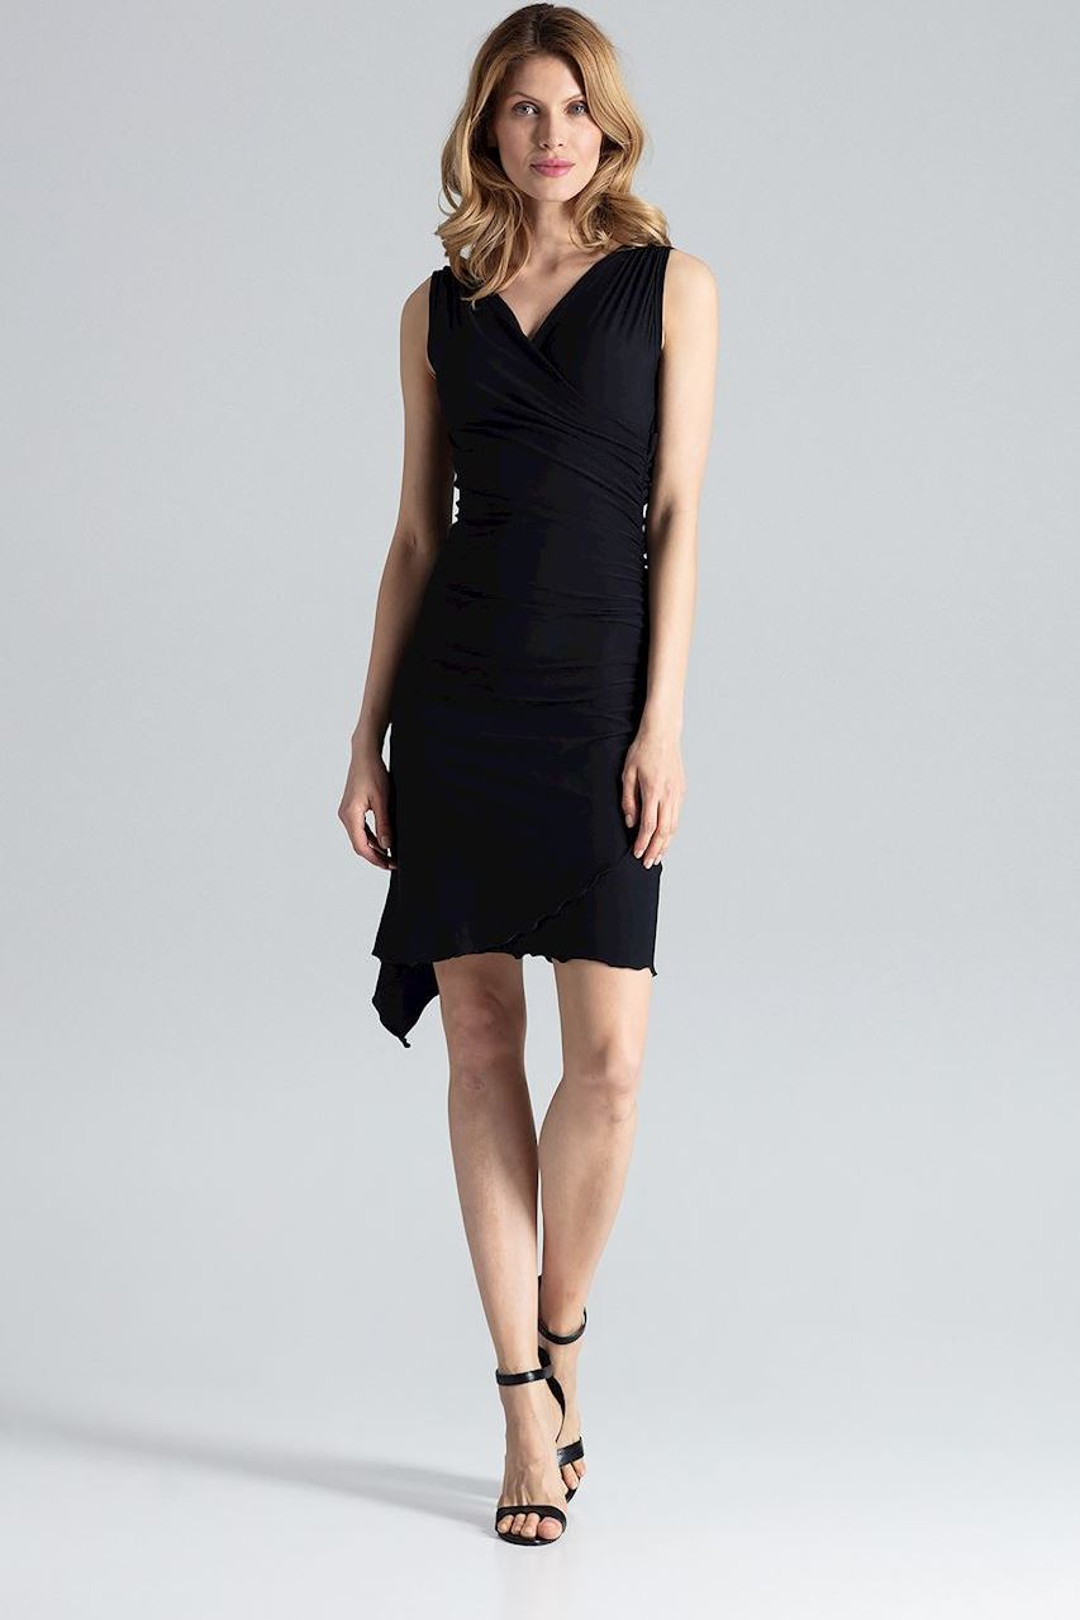 FIGL Černé elegantní šaty M053 velikost  S d2fdd5501a